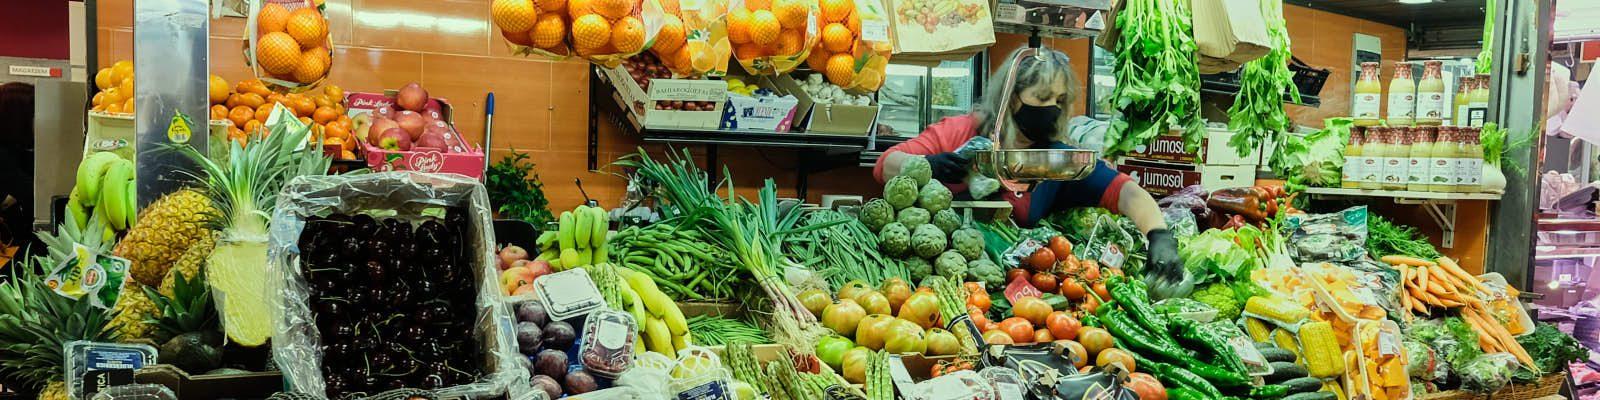 Fruiteria Maite